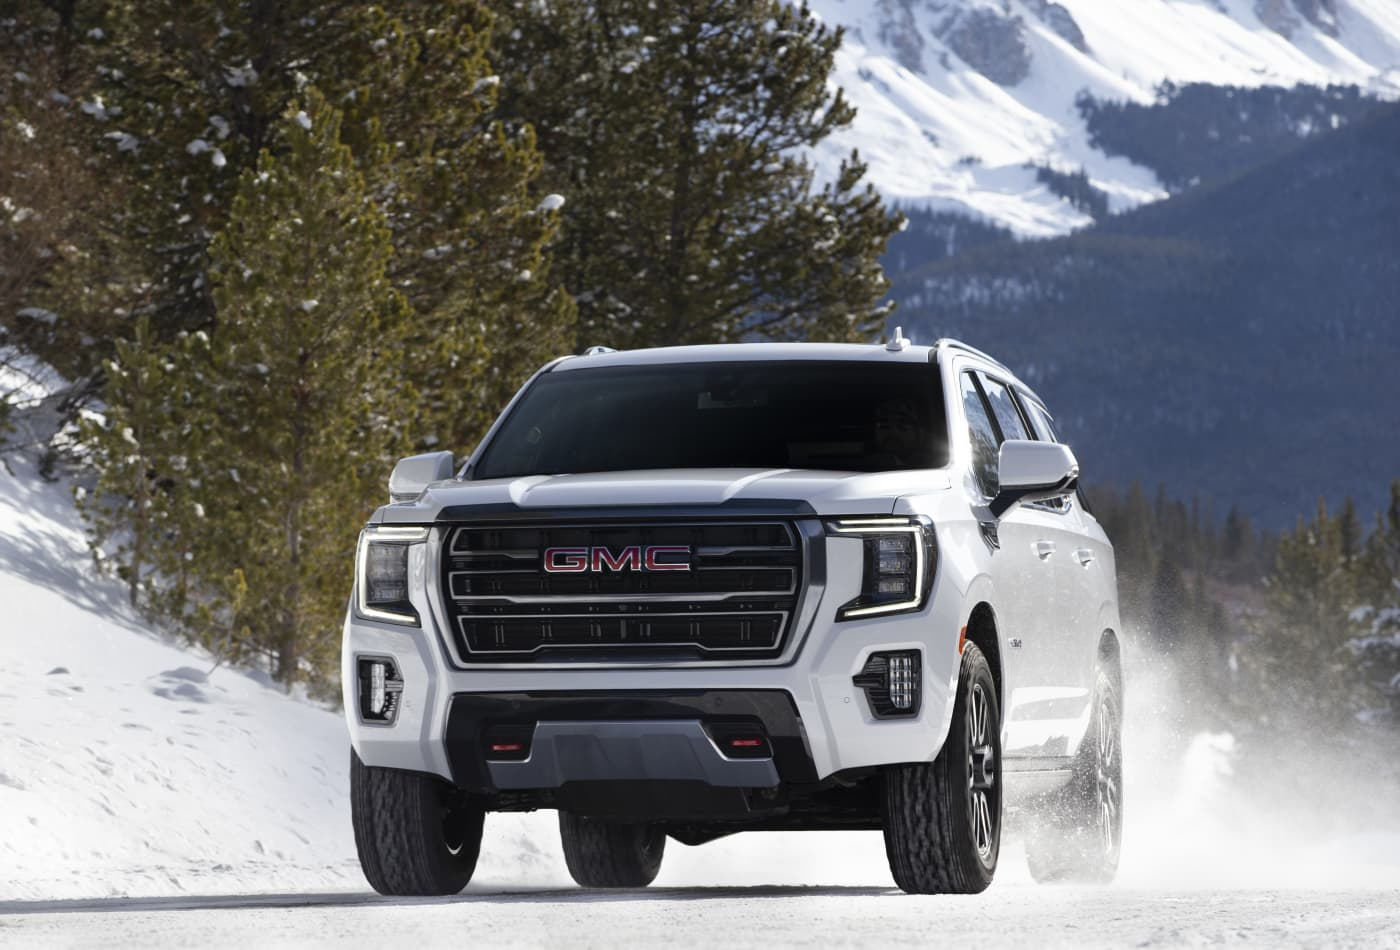 General Motors unveils new 2021 GMC Yukon, Yukon XL SUVs